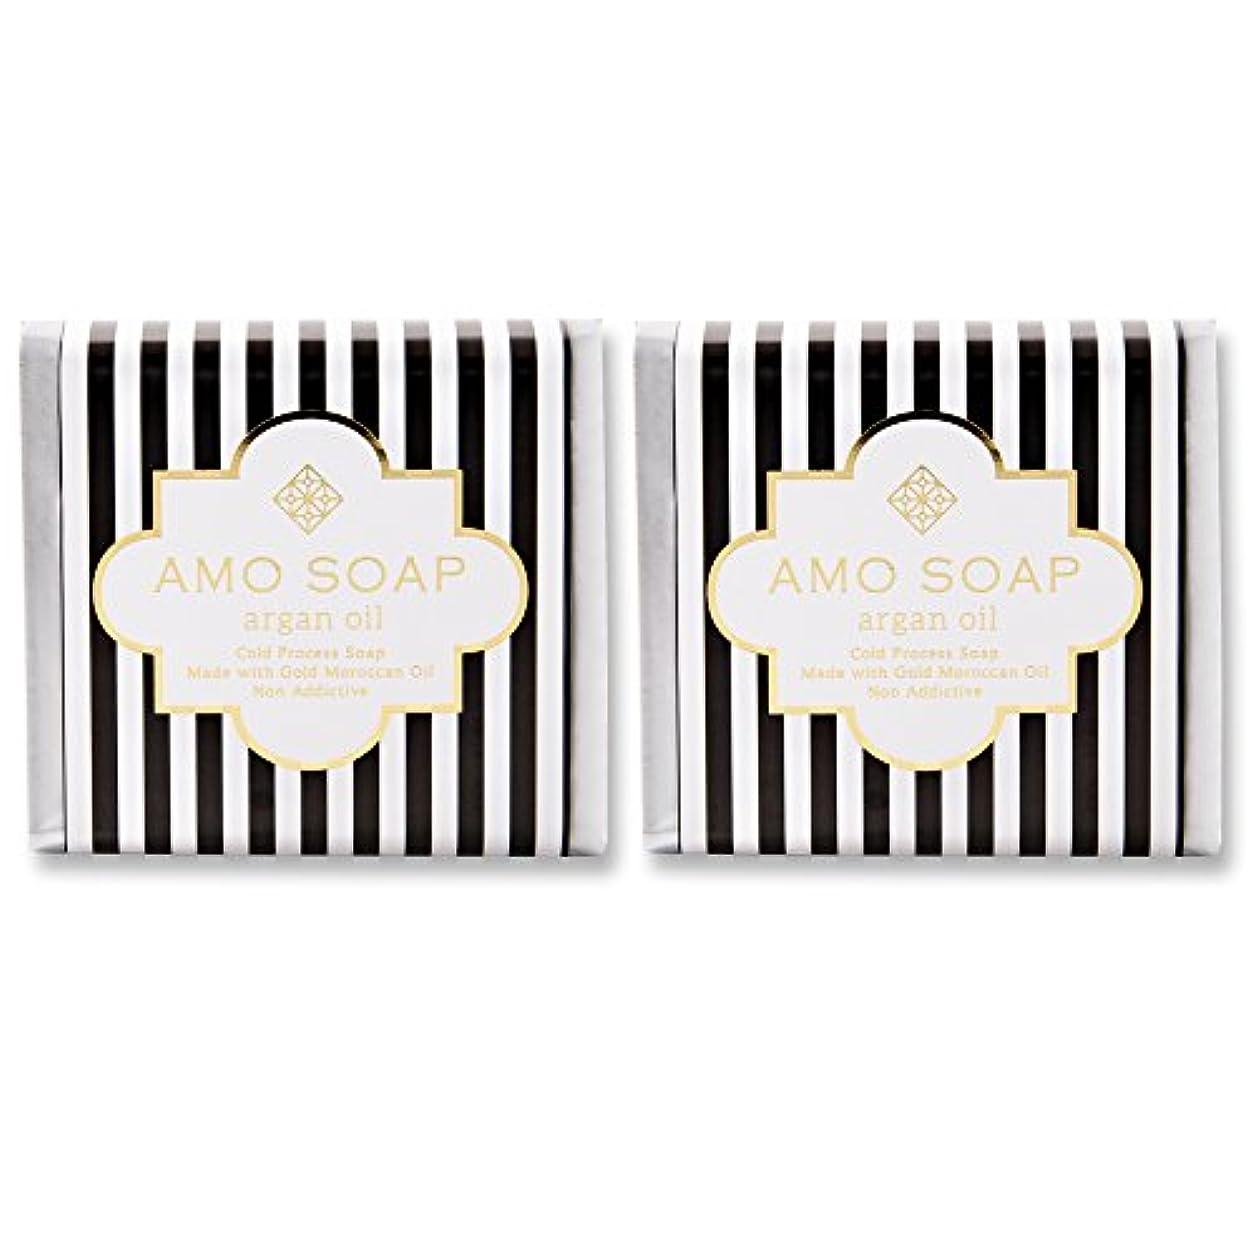 寛容疑問を超えて市民AMO SOAP(アモソープ) 洗顔せっけんアルガンオイル配合 2個 コールドプロセス製法 日本製 エイジングケア オリーブオイル シアバター